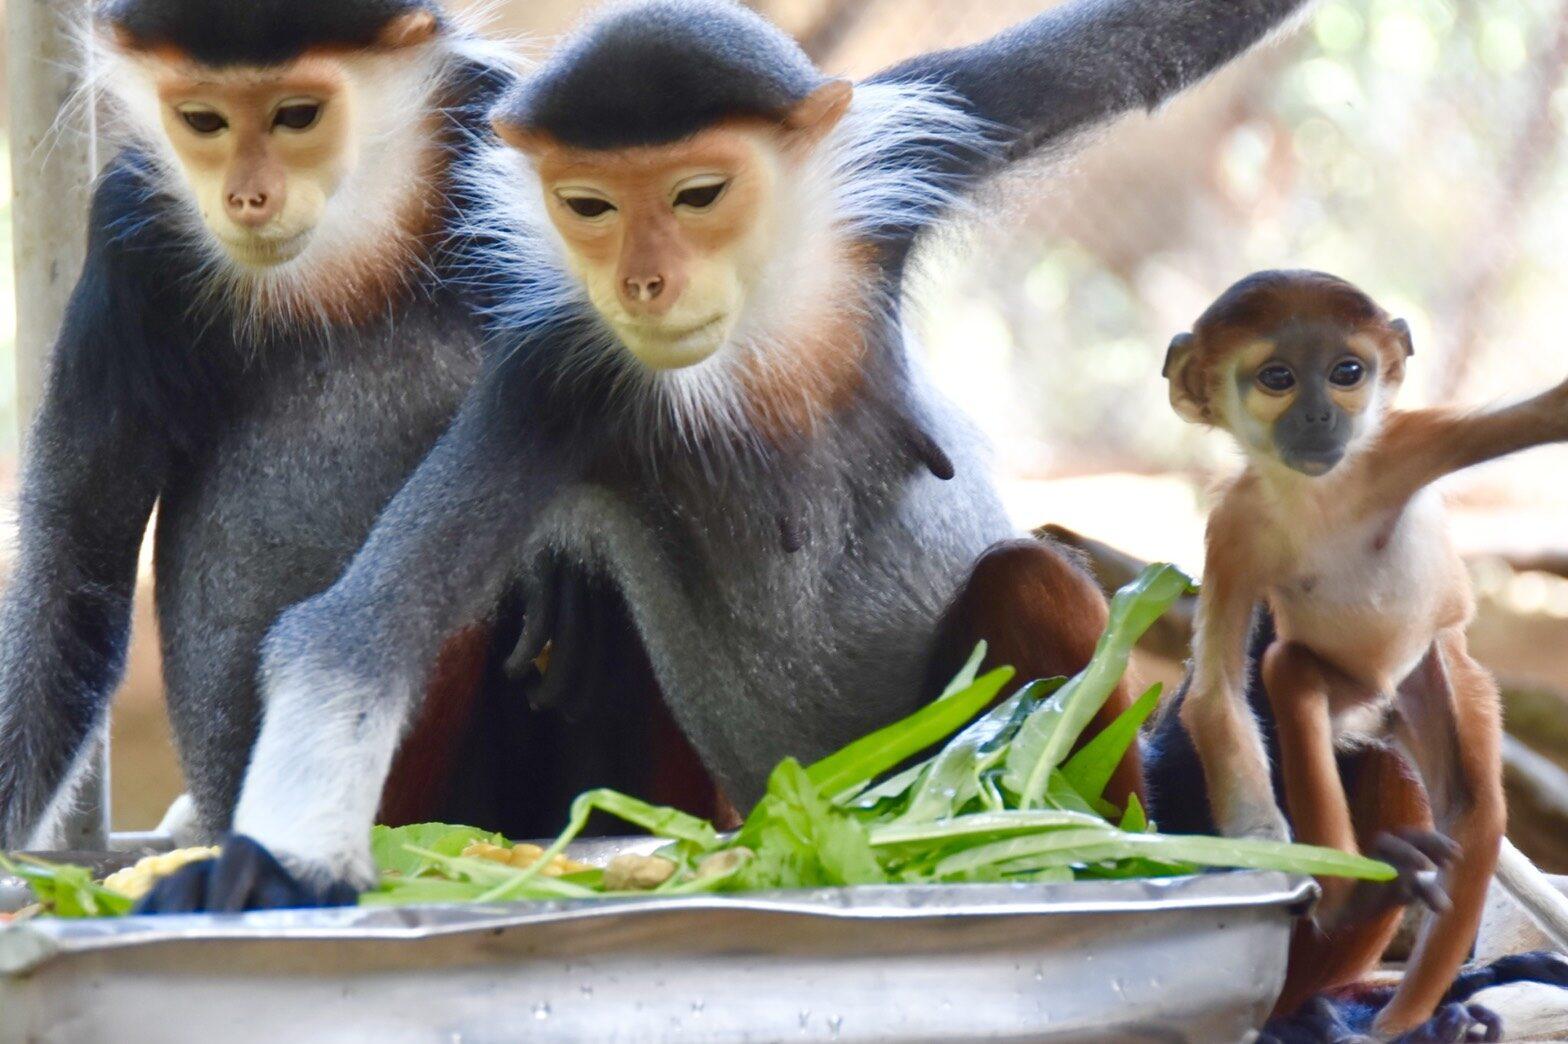 ปลื้ม! สวนสัตว์เปิดเขาเขียว ขยายพันธุ์สำเร็จ โชว์ลูกค่างห้าสี สัตว์ป่าใกล้สูญพันธุ์